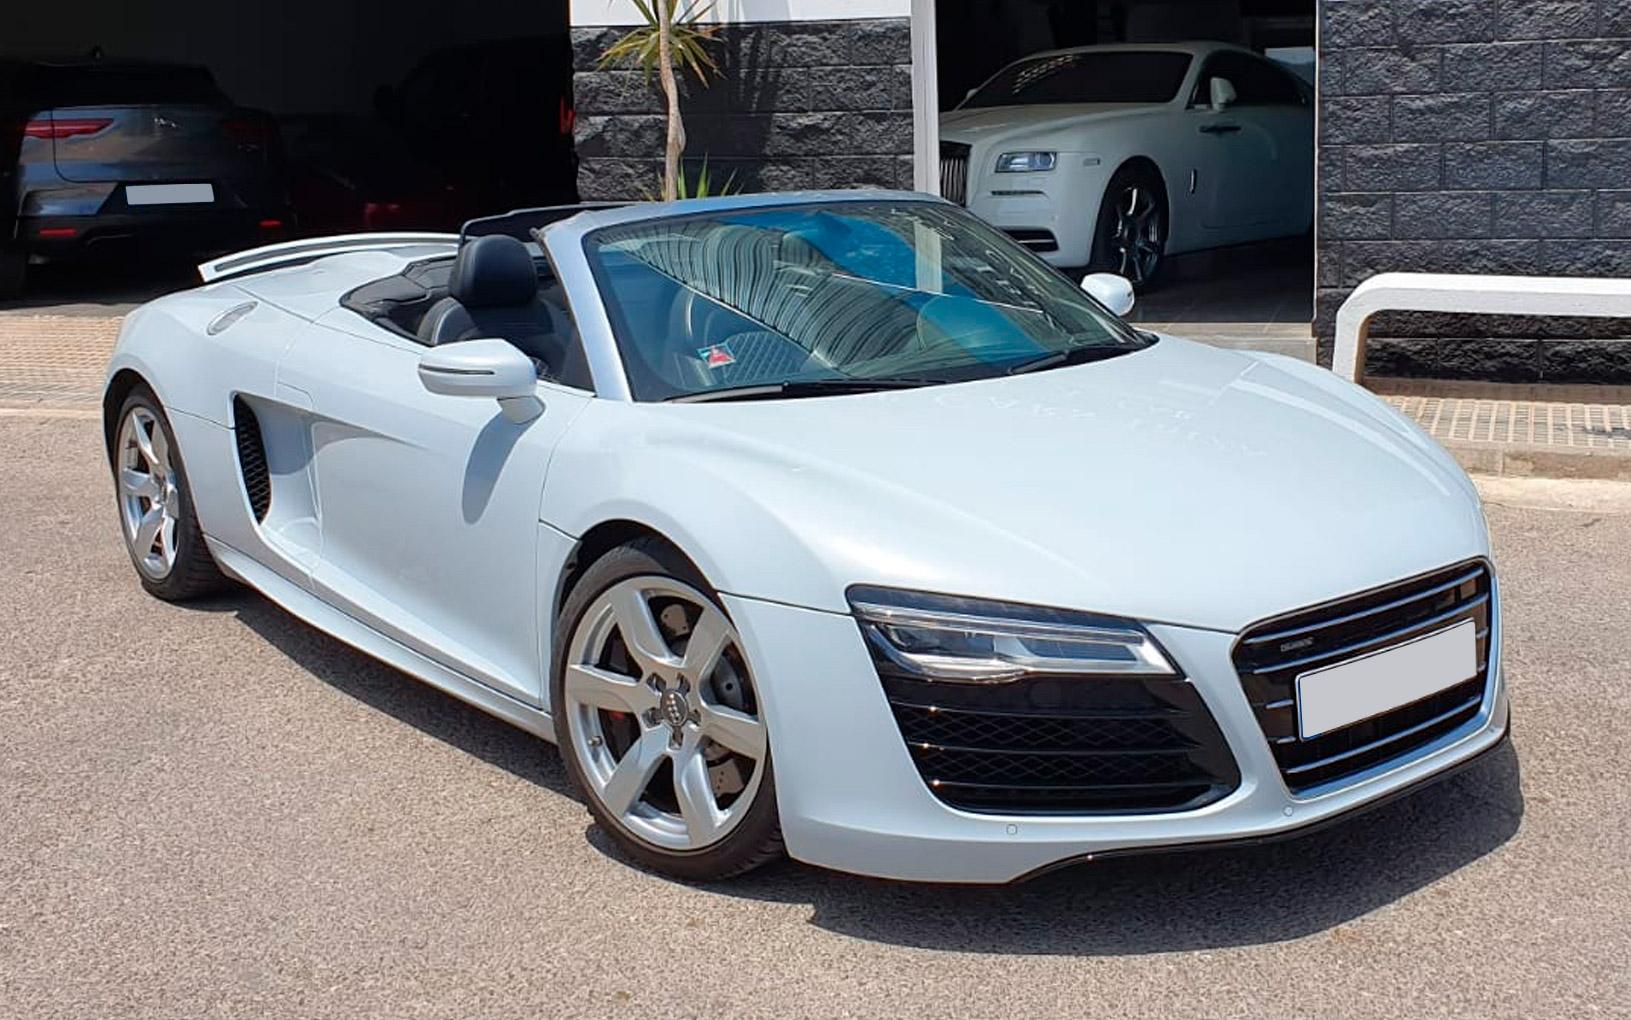 Audi R8 V10 Plus Spider Luxury Cars Ibiza Luxury Car Rental In Ibiza Island